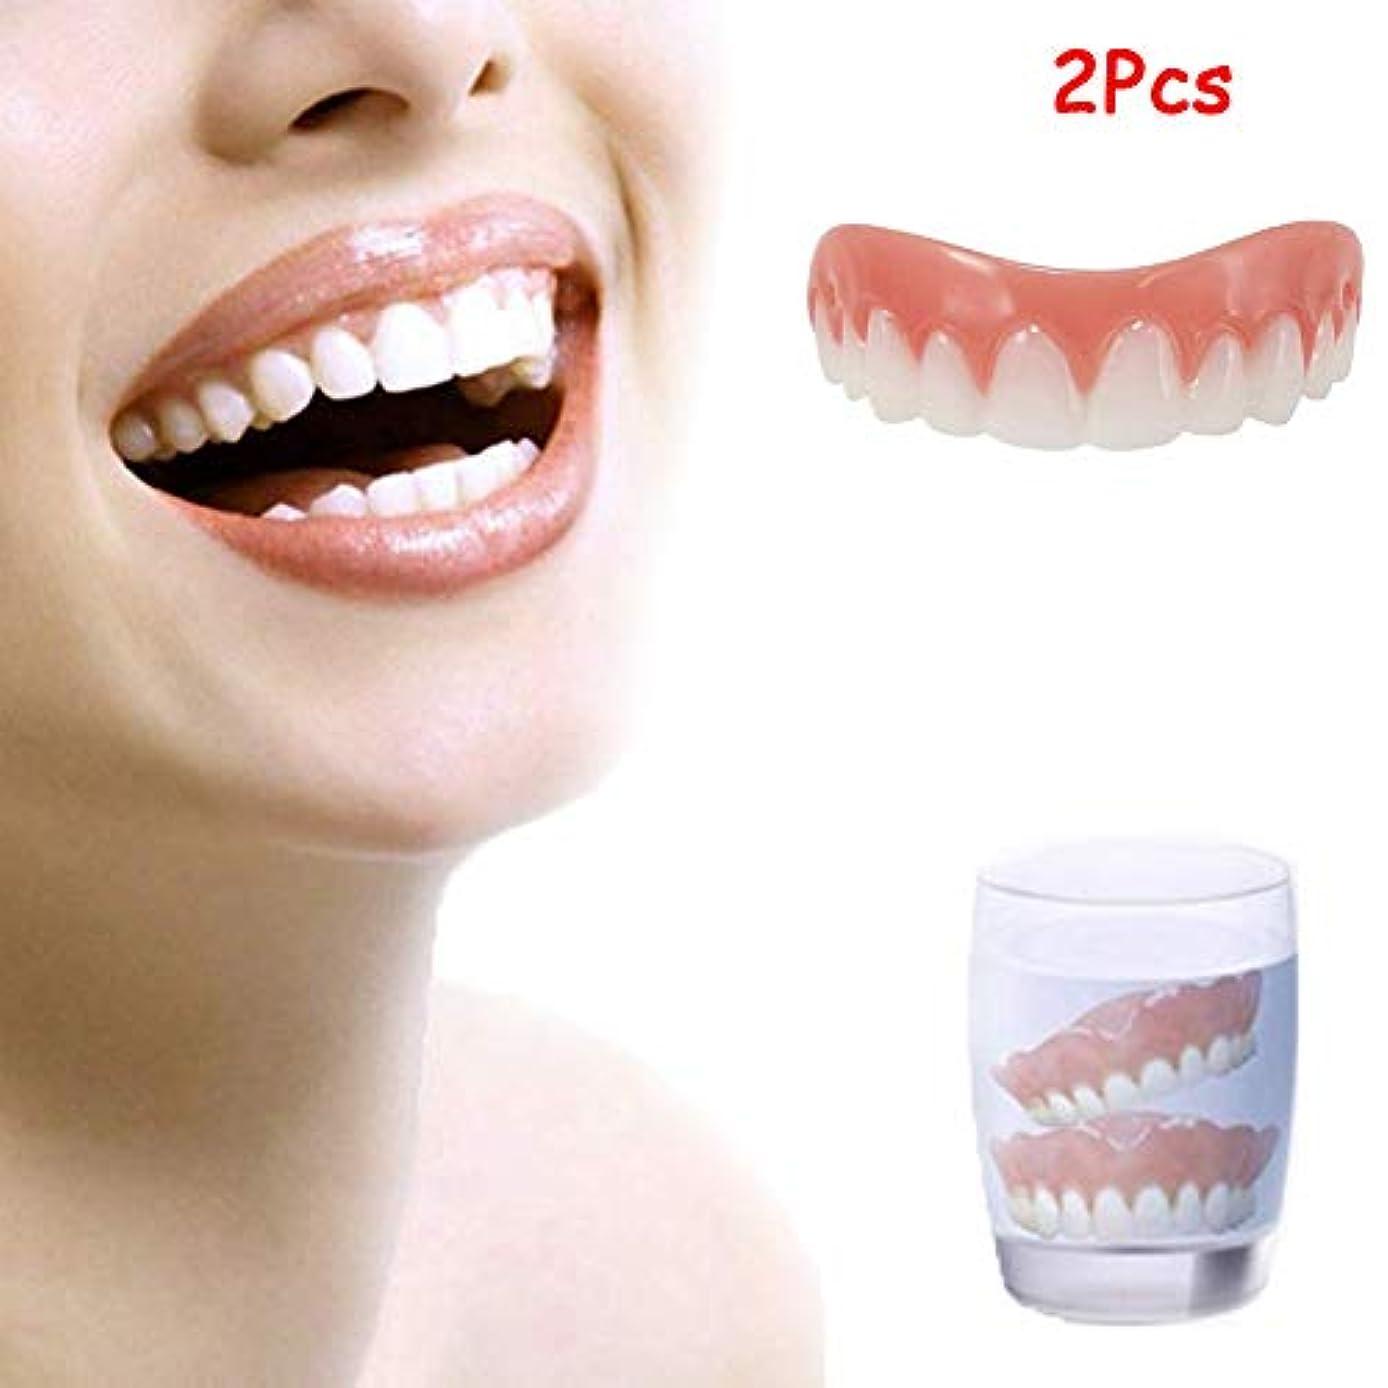 にぎやか広範囲にサイト歯科用ベニヤホワイトニングデンタルインスタントパーフェクトスマイルアップアンドダウン快適なスナップインフェイクティース